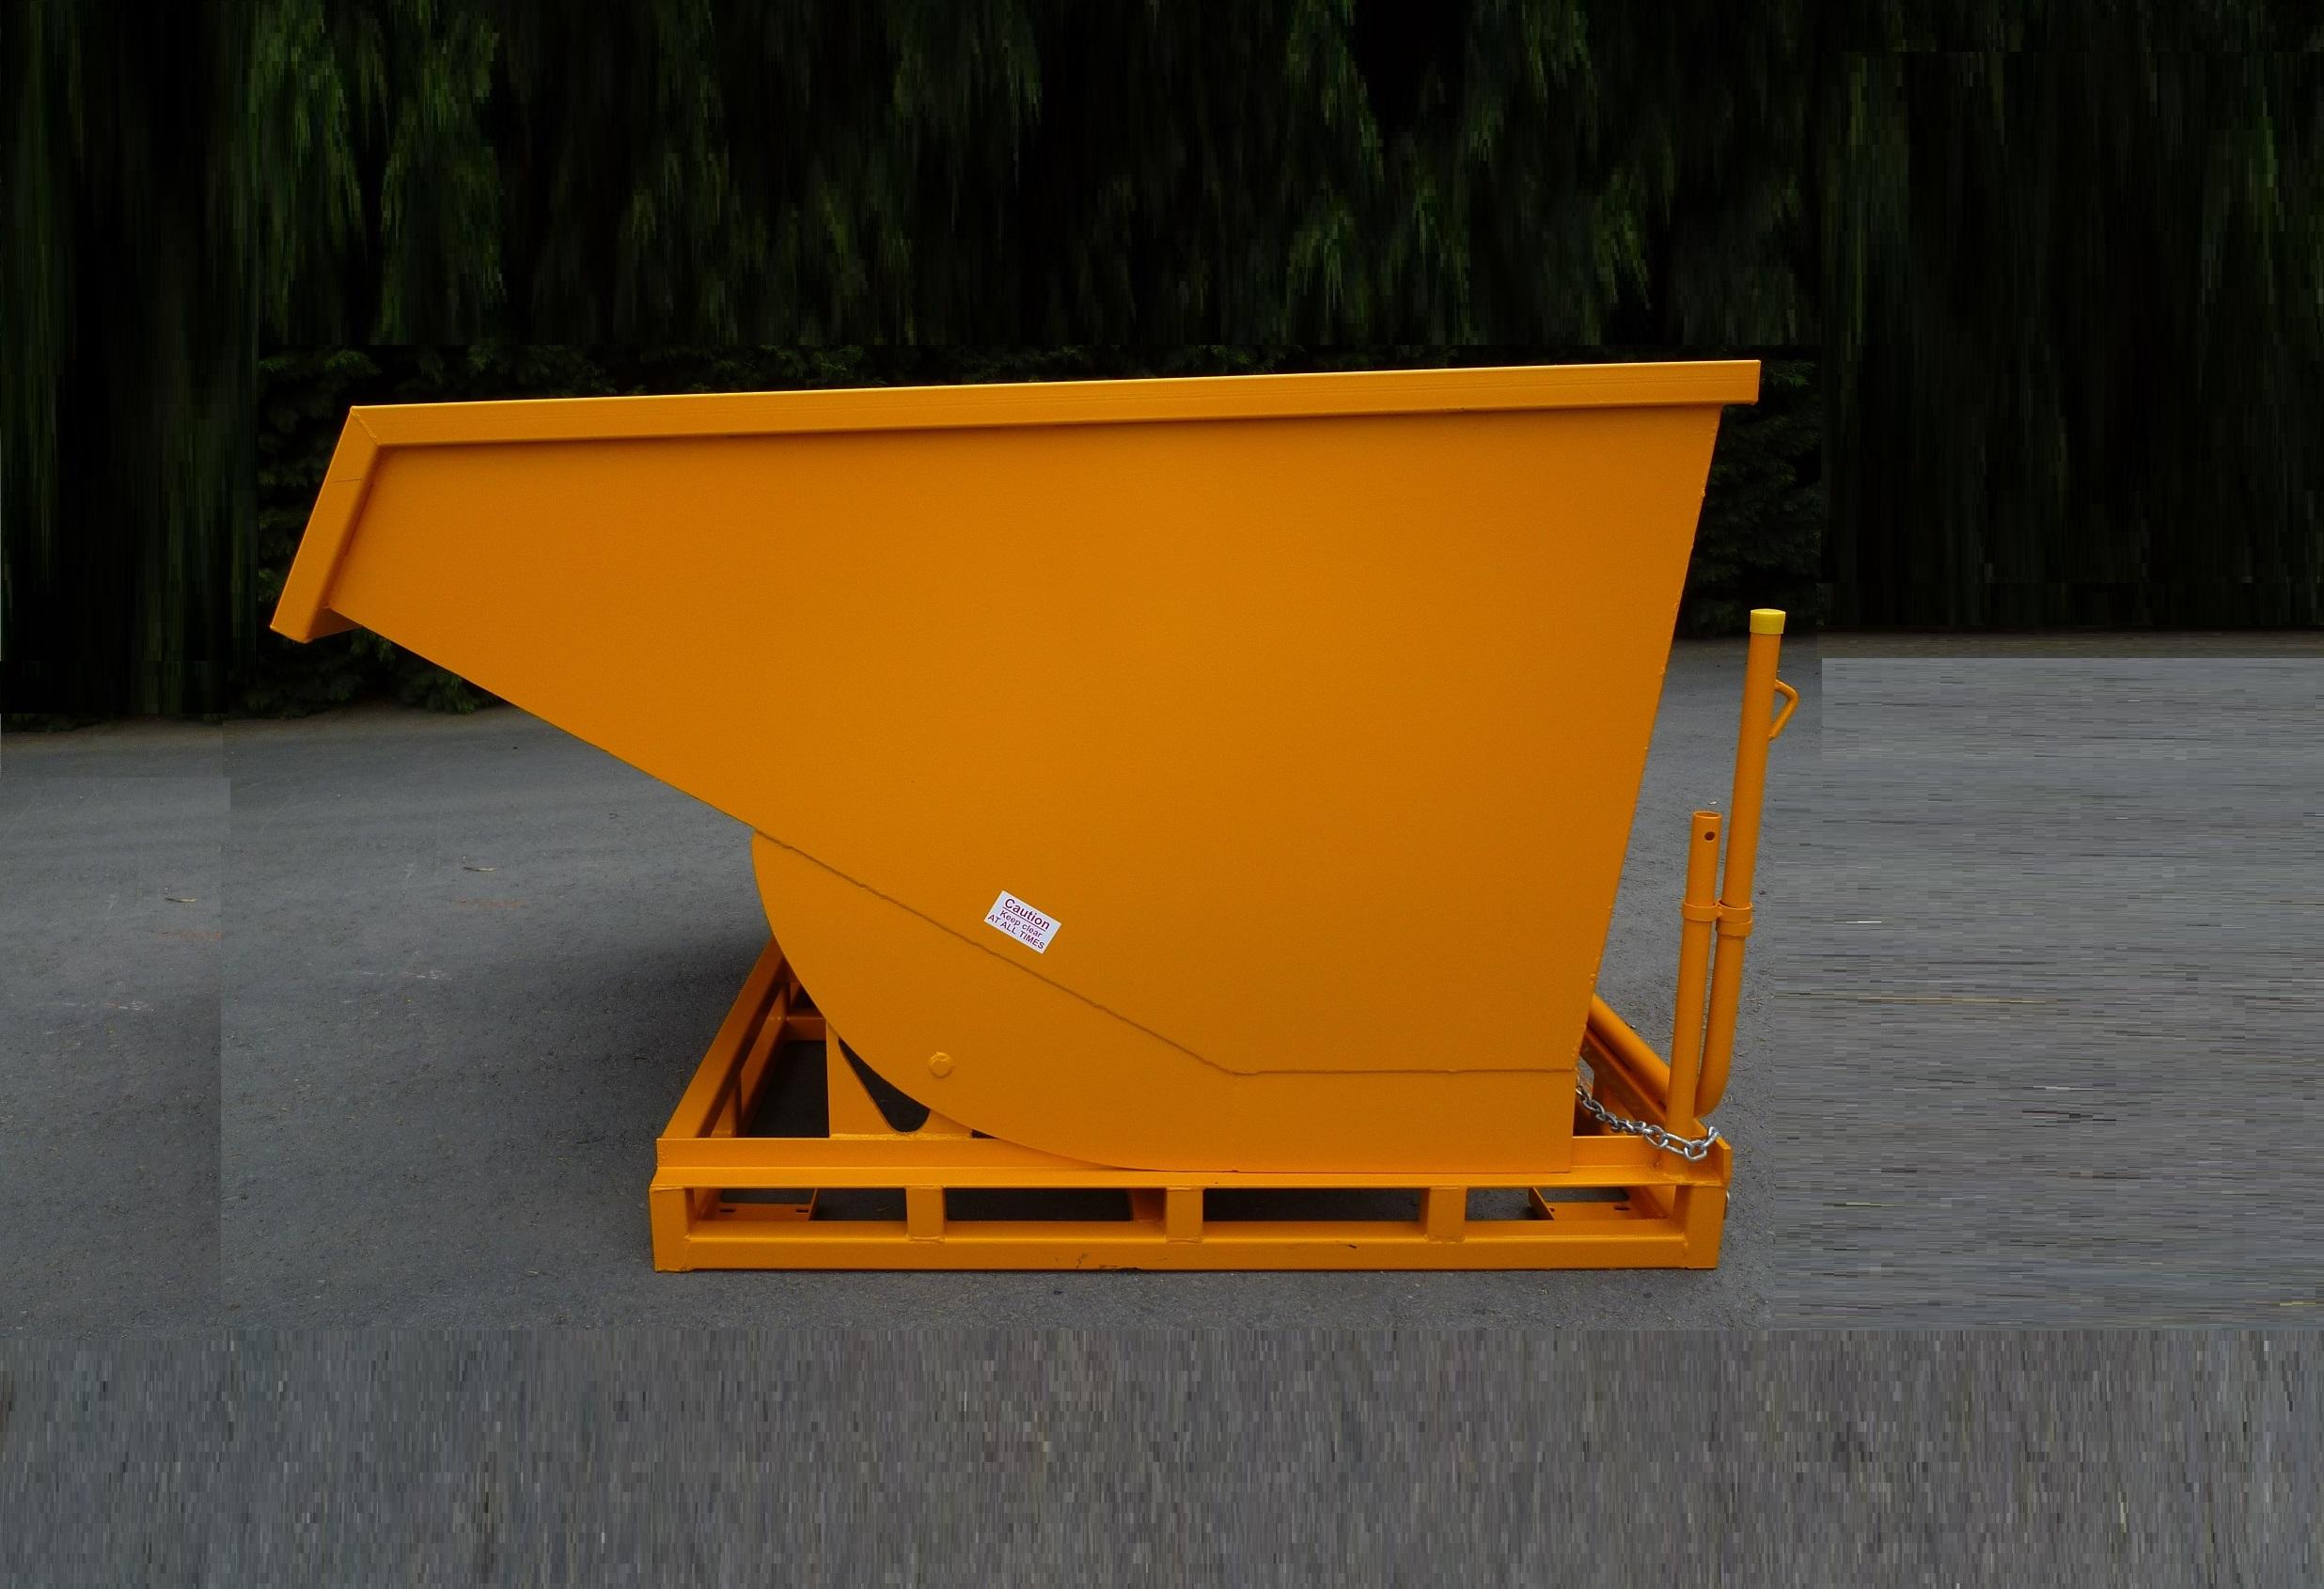 Skips Auto Body >> Tip Skips | Albutt attachments materials handling